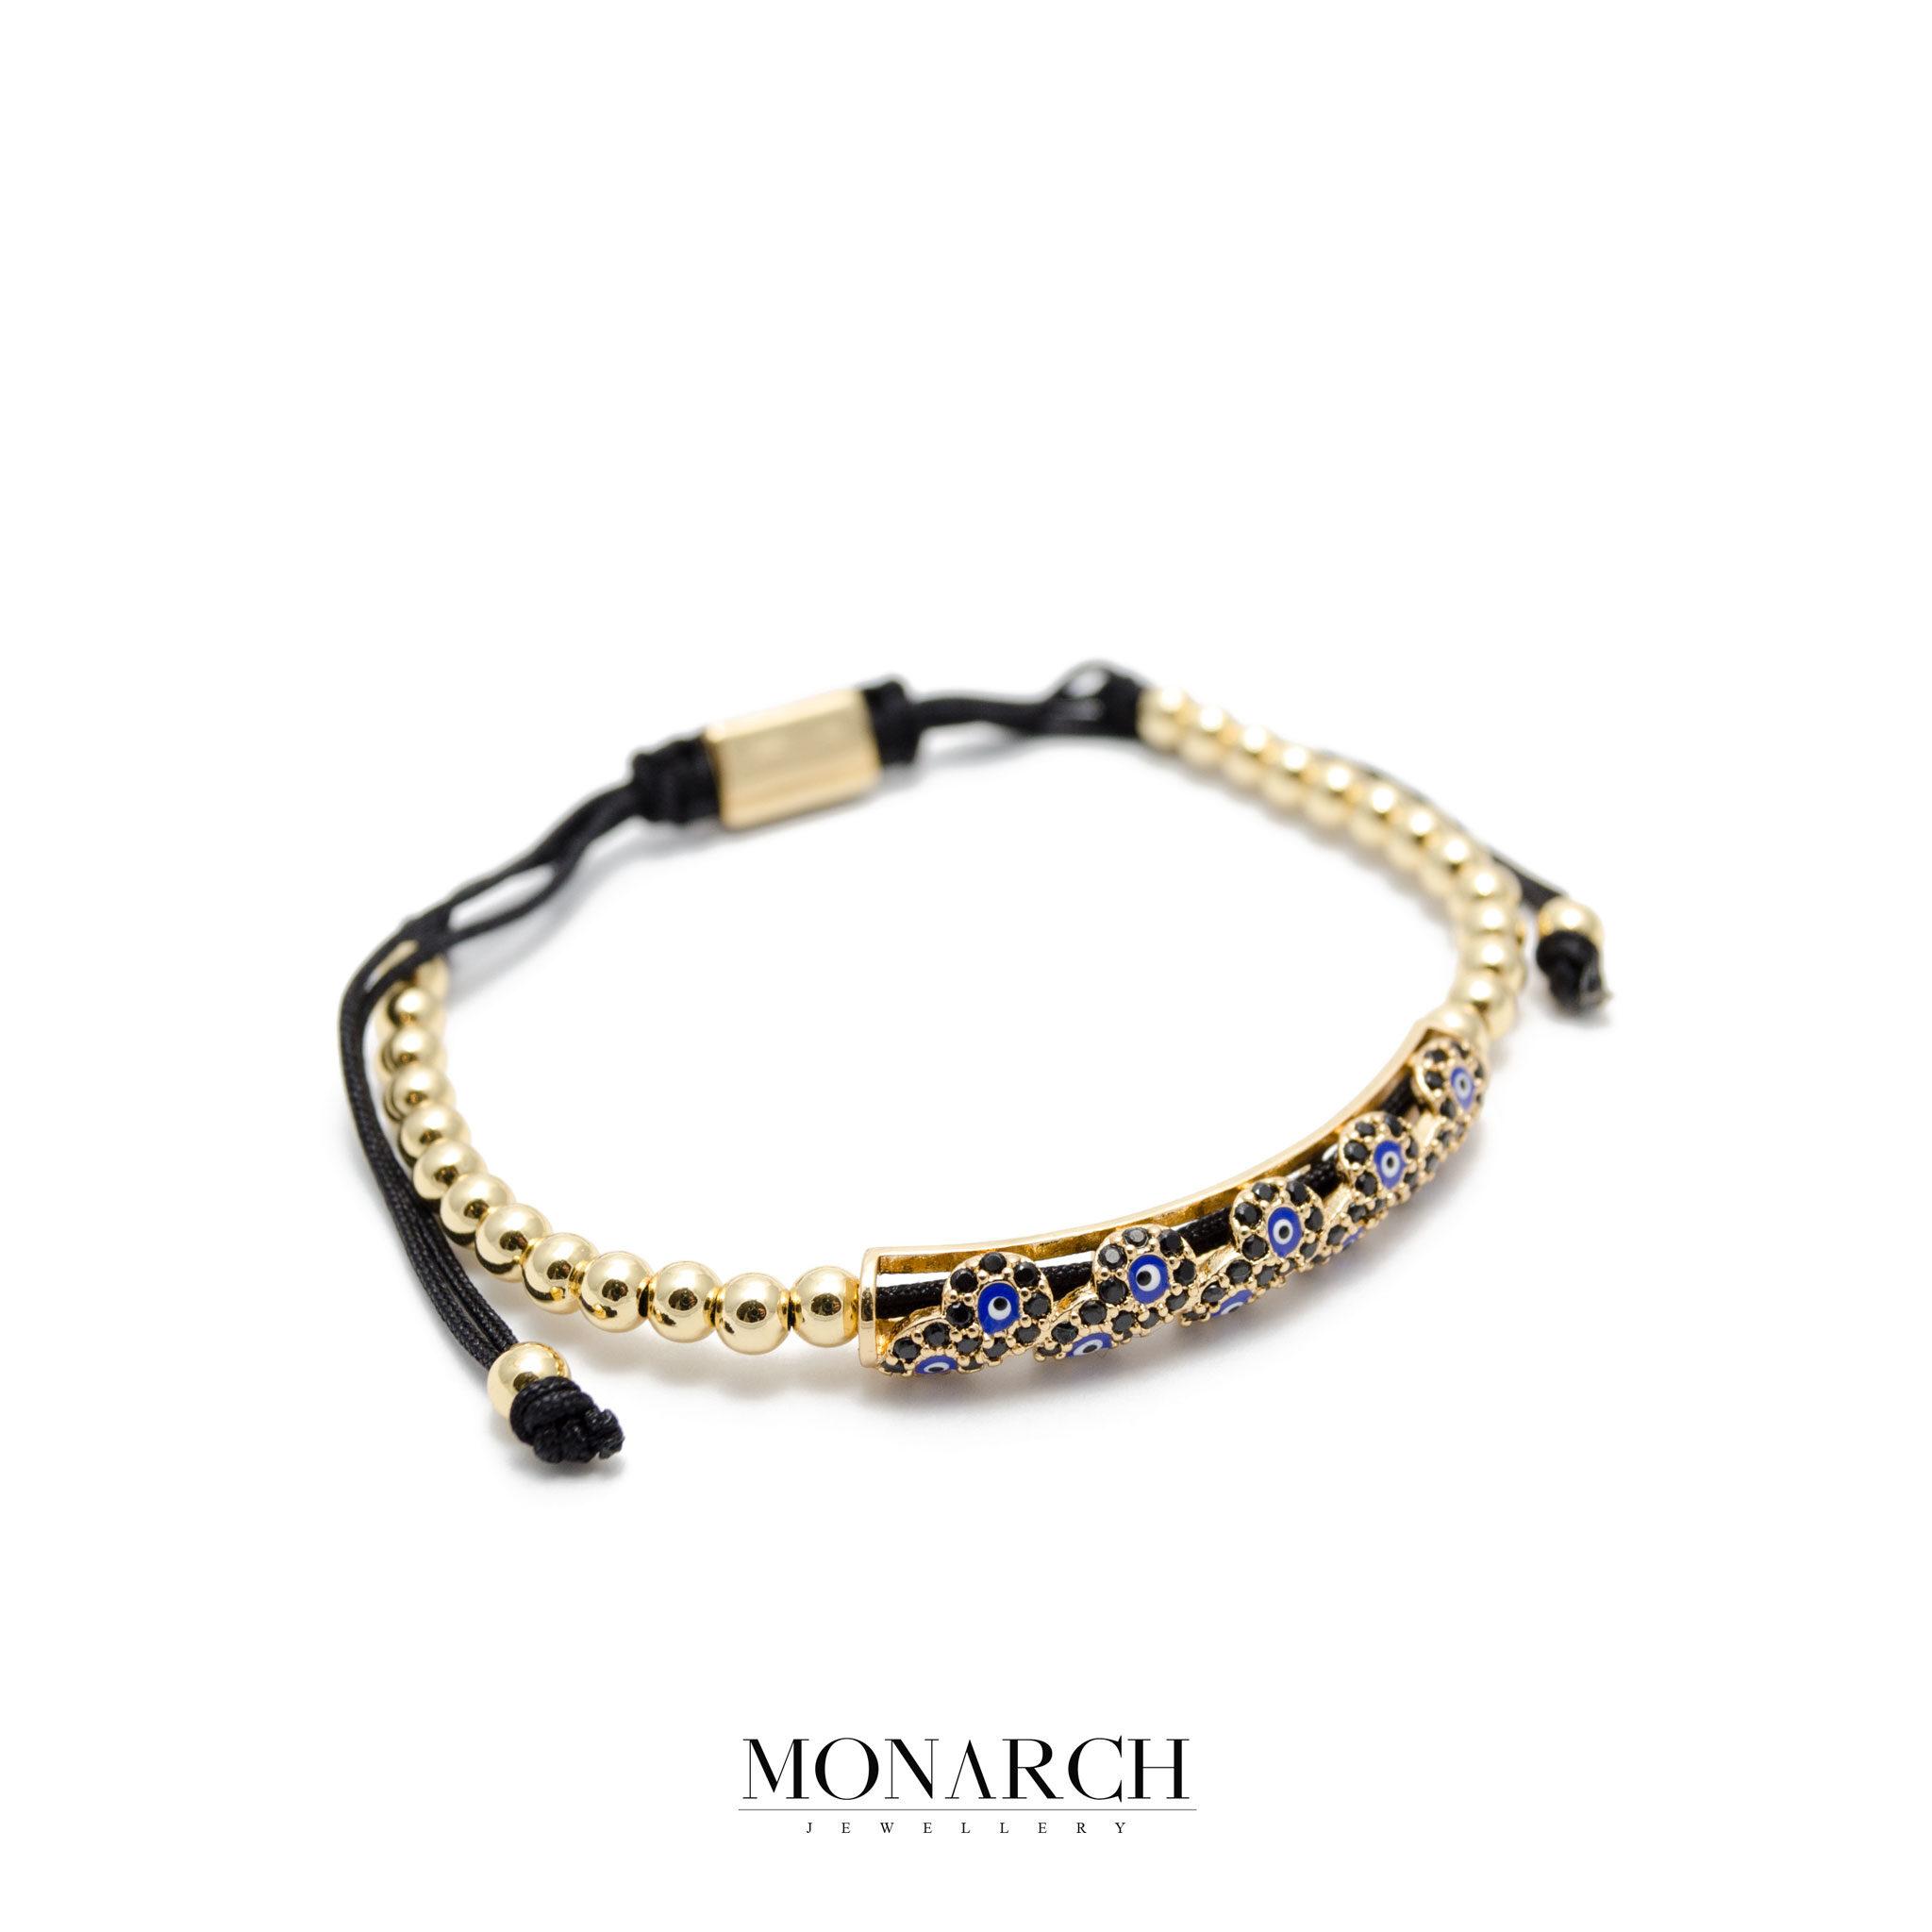 Monarch Jewellery 24K Gold Evil Eye String Luxury Macrame Bracelet